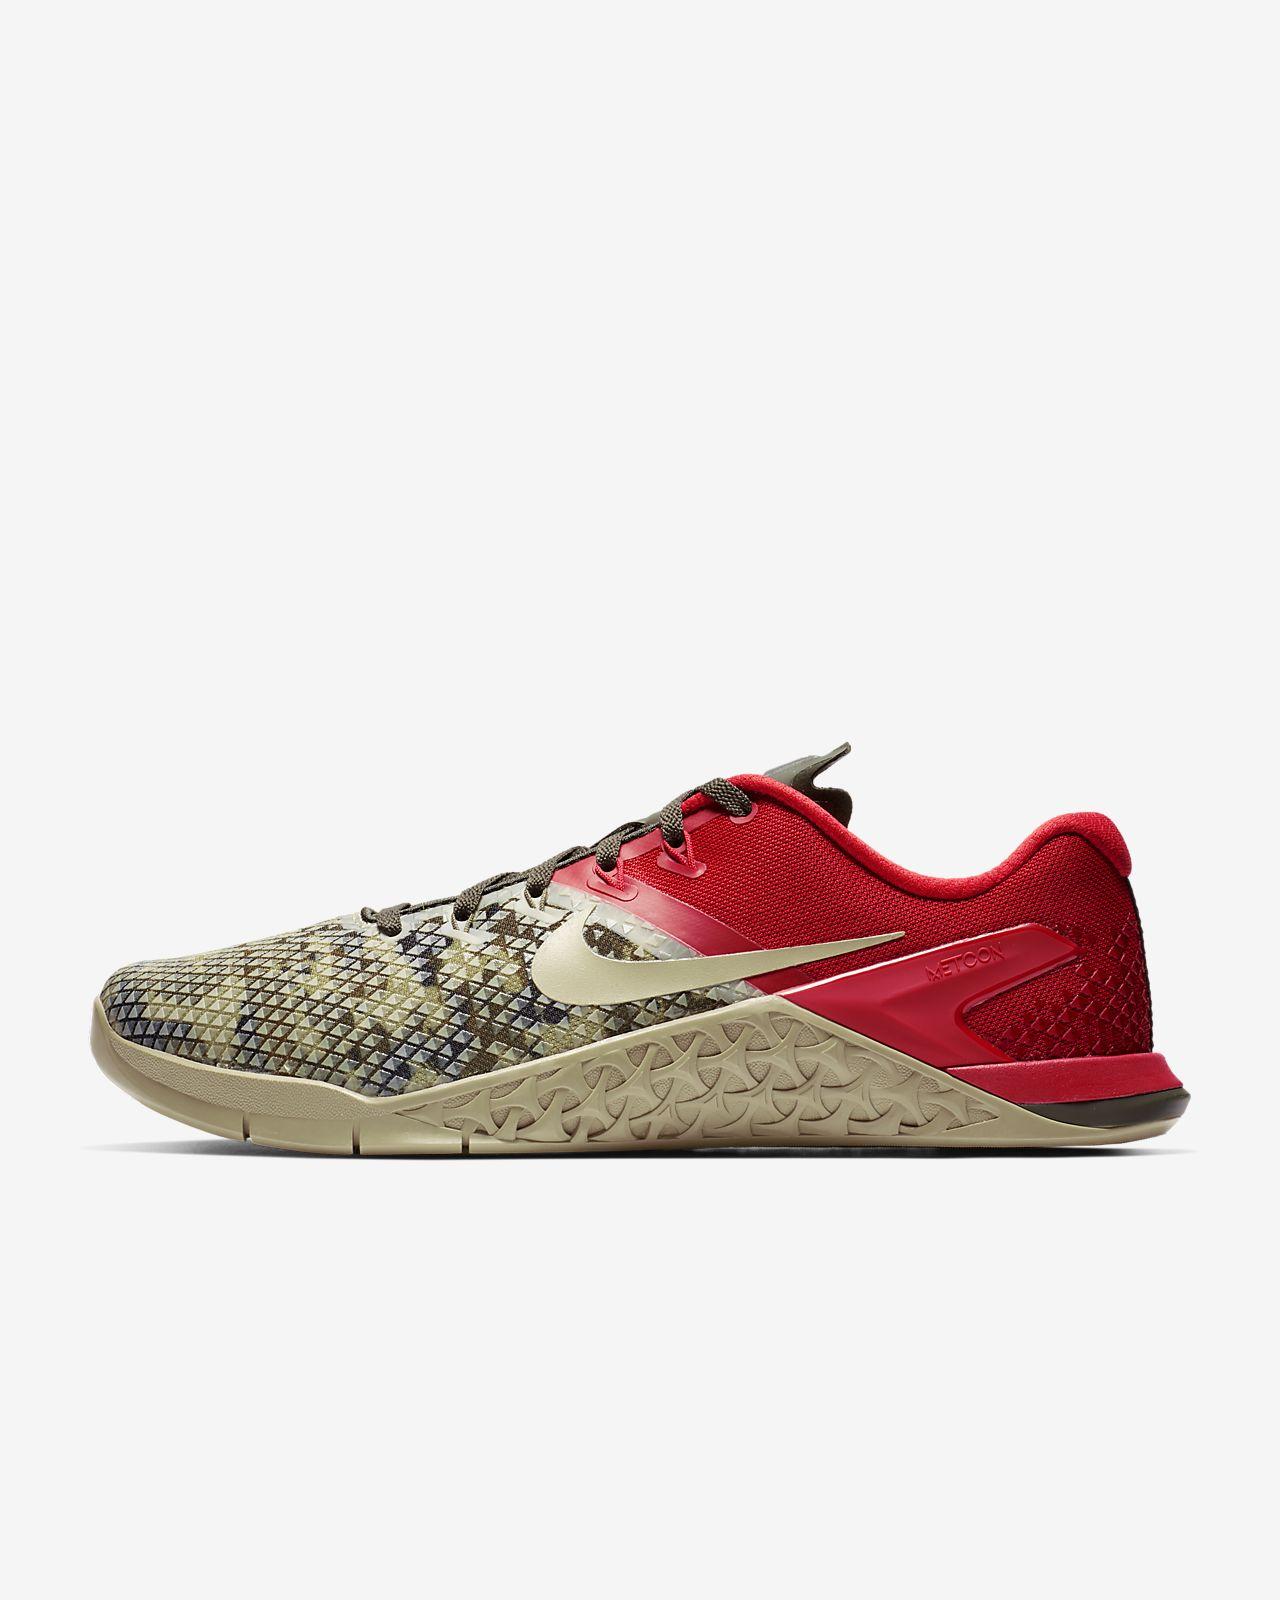 low priced 2aa2f f47ef Nike Metcon 4 XD